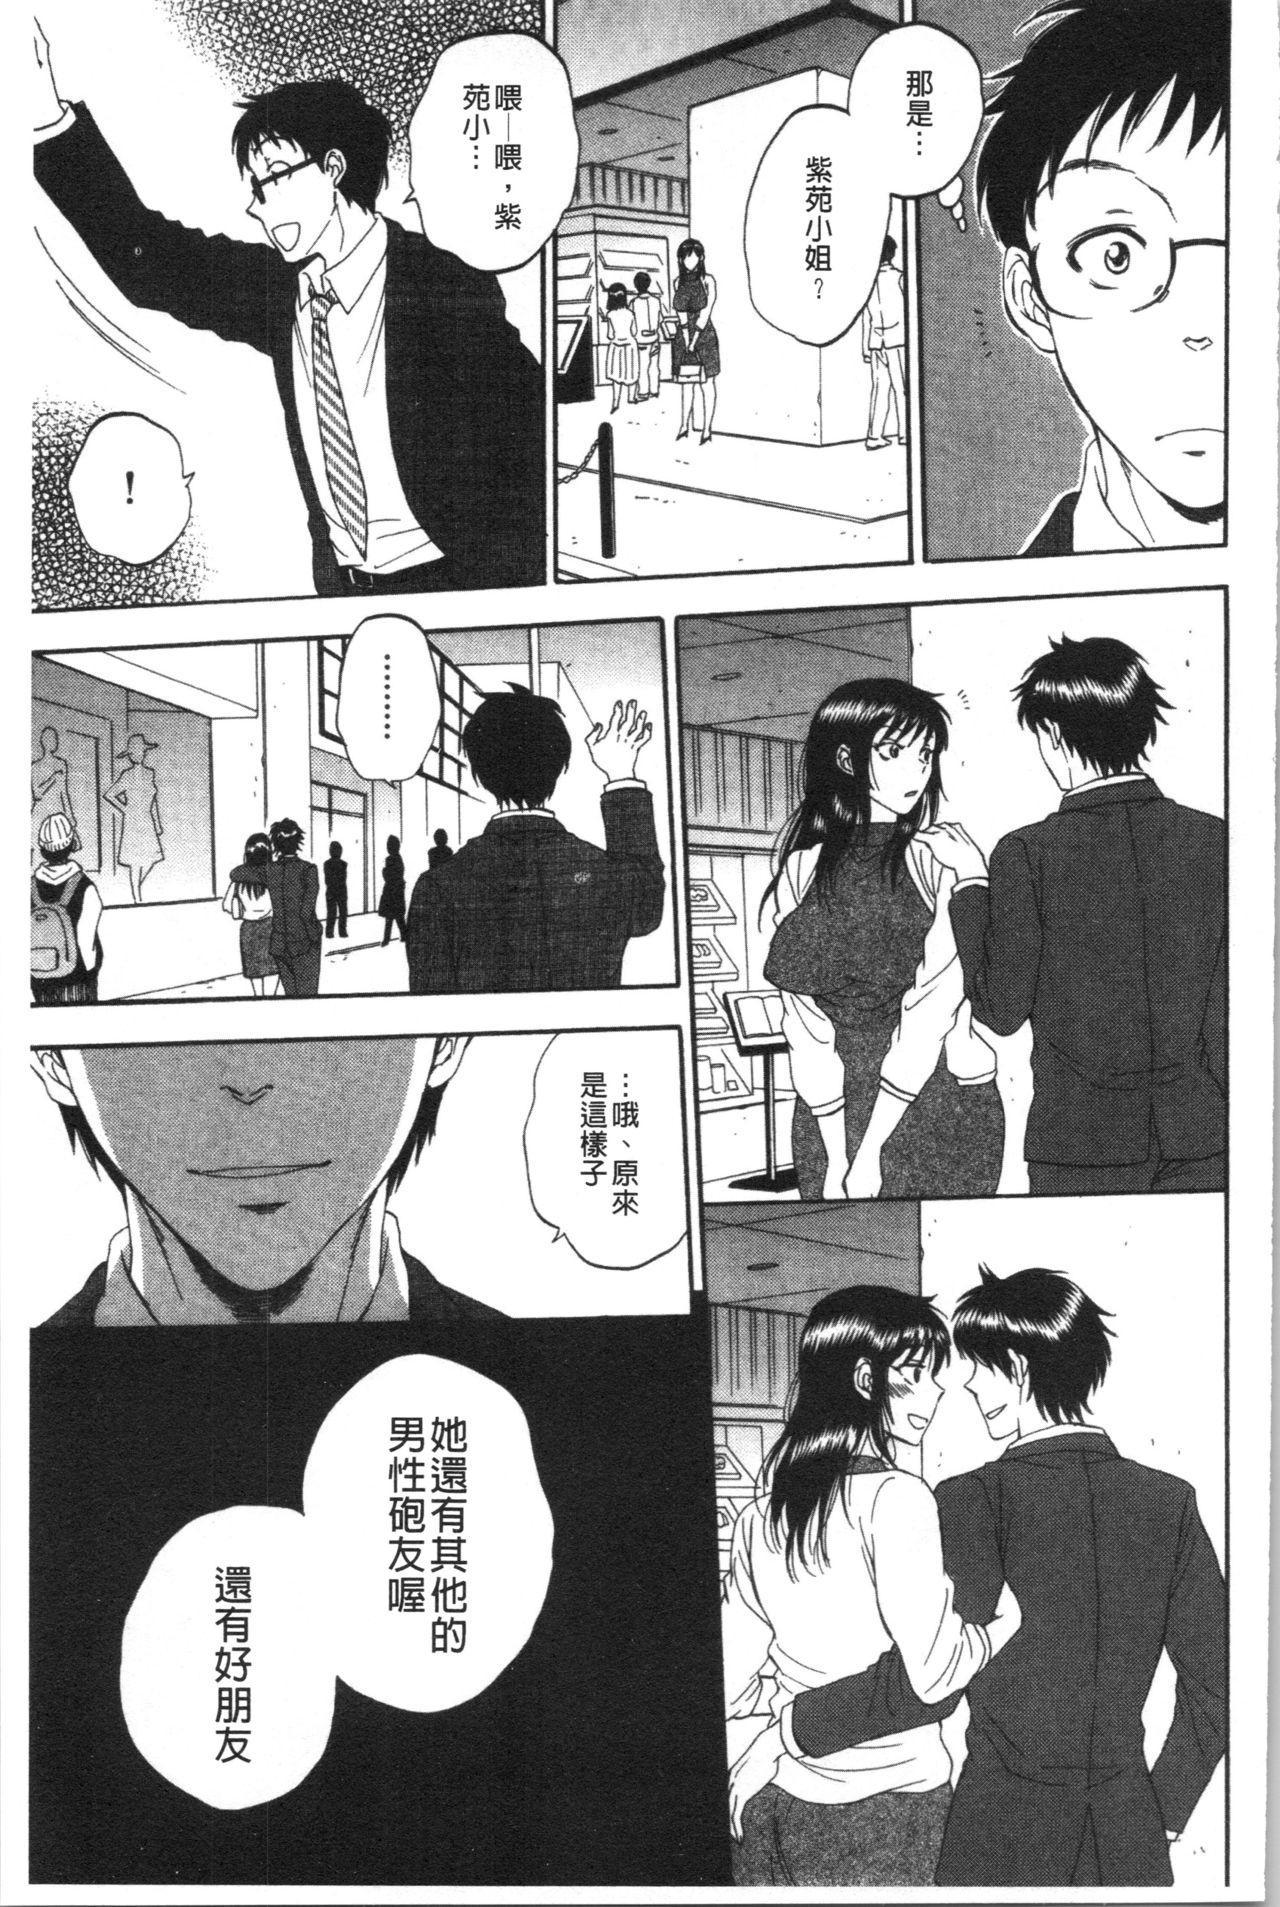 [Sabusuka] Fukuro Otoko - Hitozuma-tachi no Himitsu no Vibe   袋男 人妻們的秘密按摩棒 [Chinese] 102